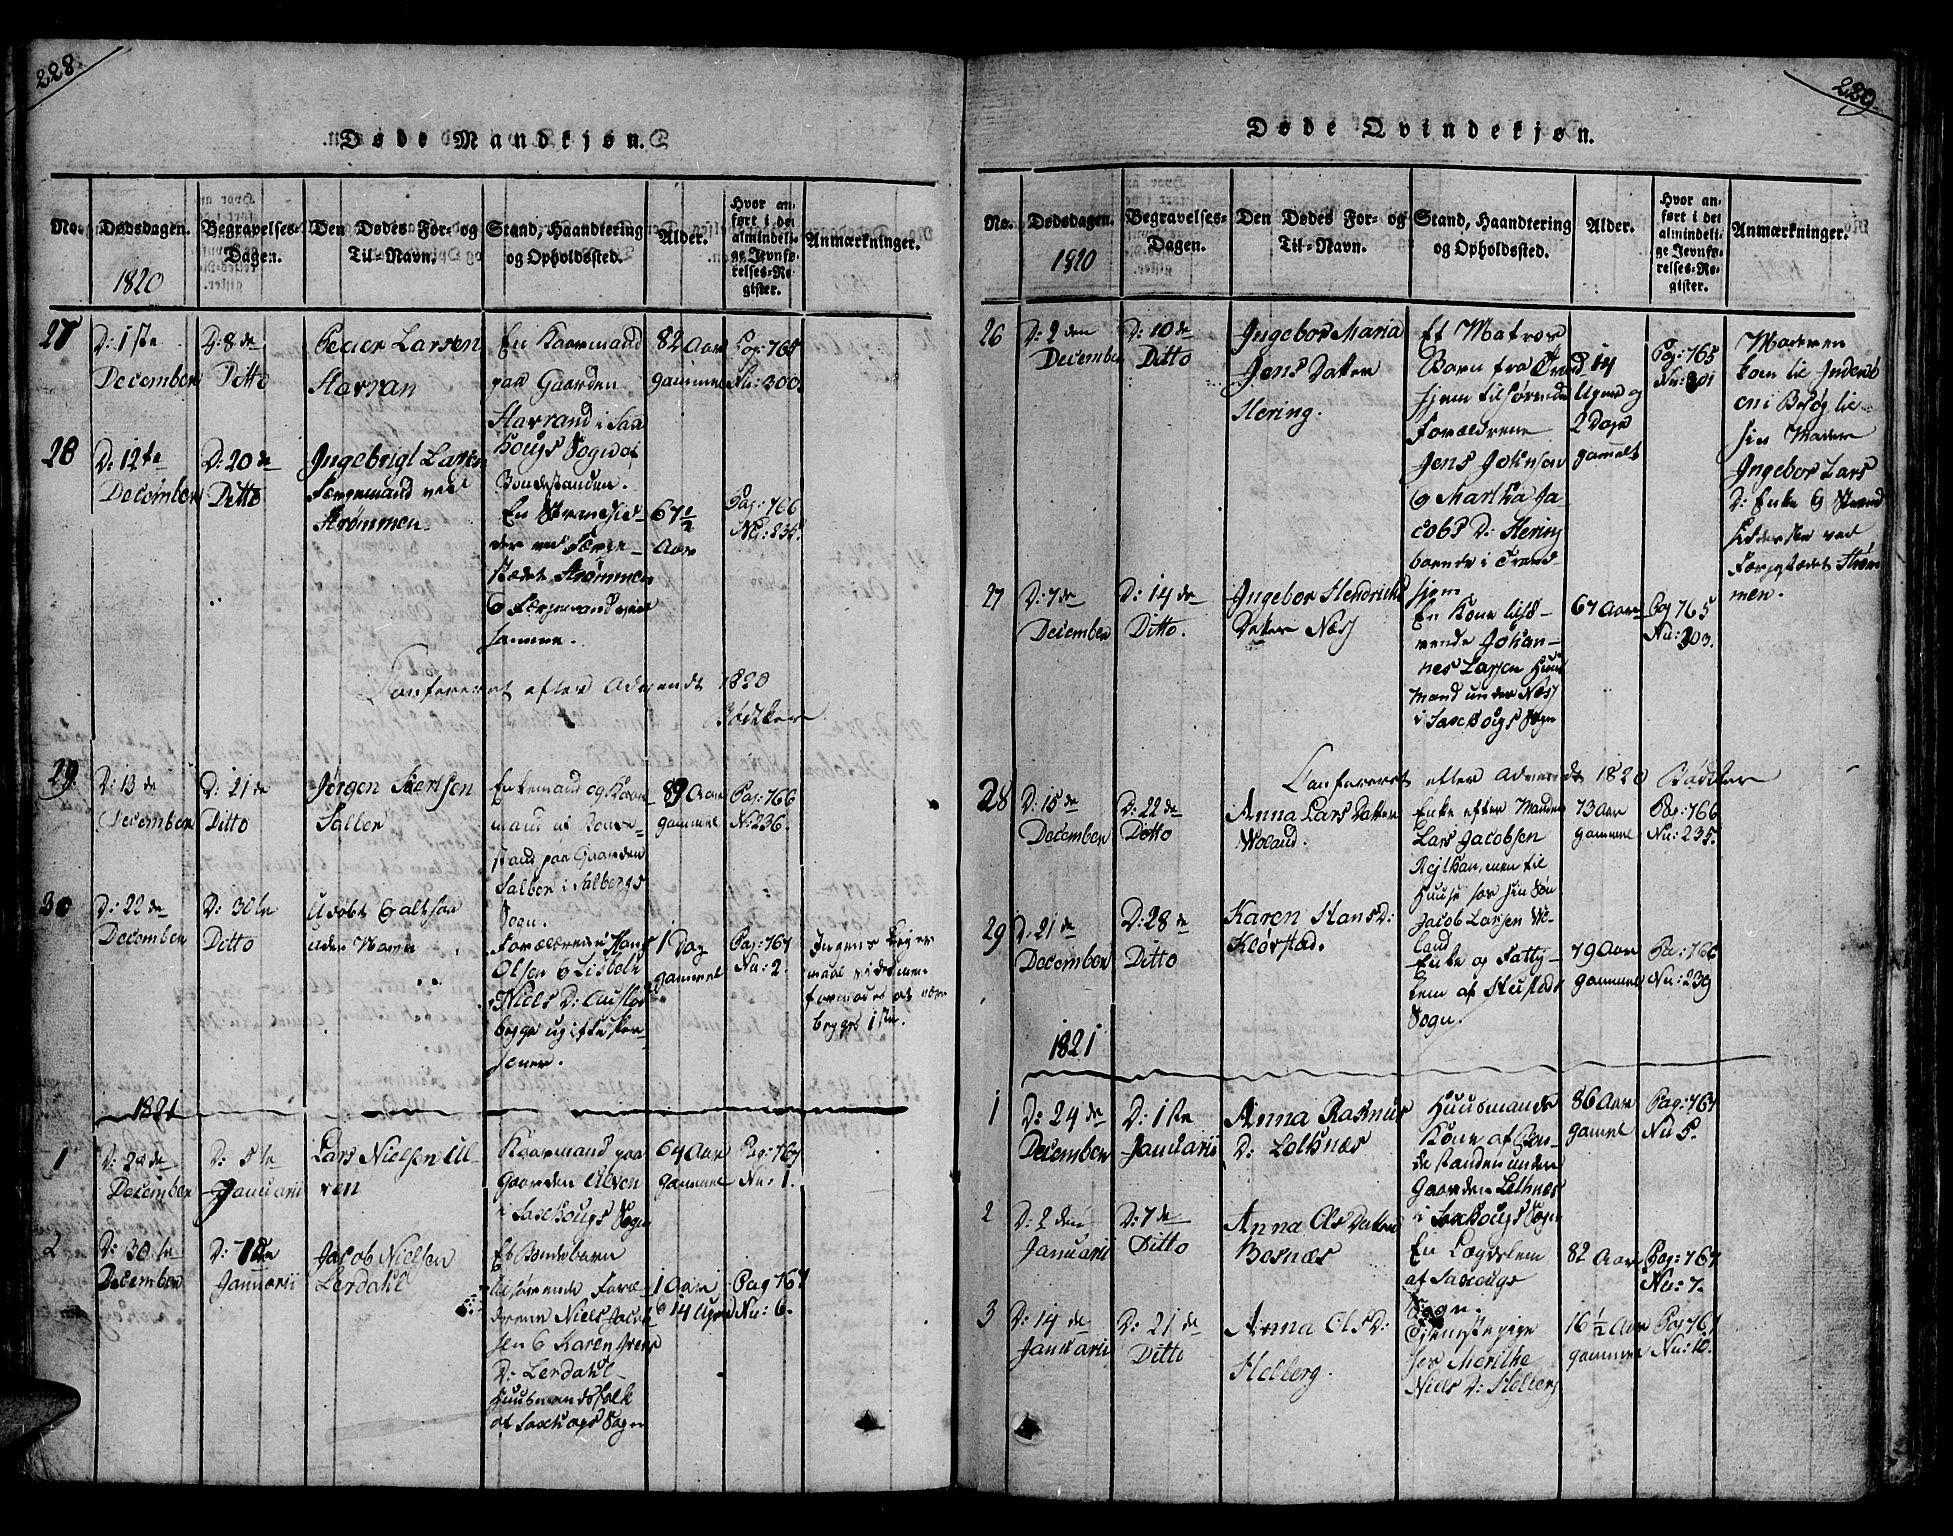 SAT, Ministerialprotokoller, klokkerbøker og fødselsregistre - Nord-Trøndelag, 730/L0275: Ministerialbok nr. 730A04, 1816-1822, s. 228-229